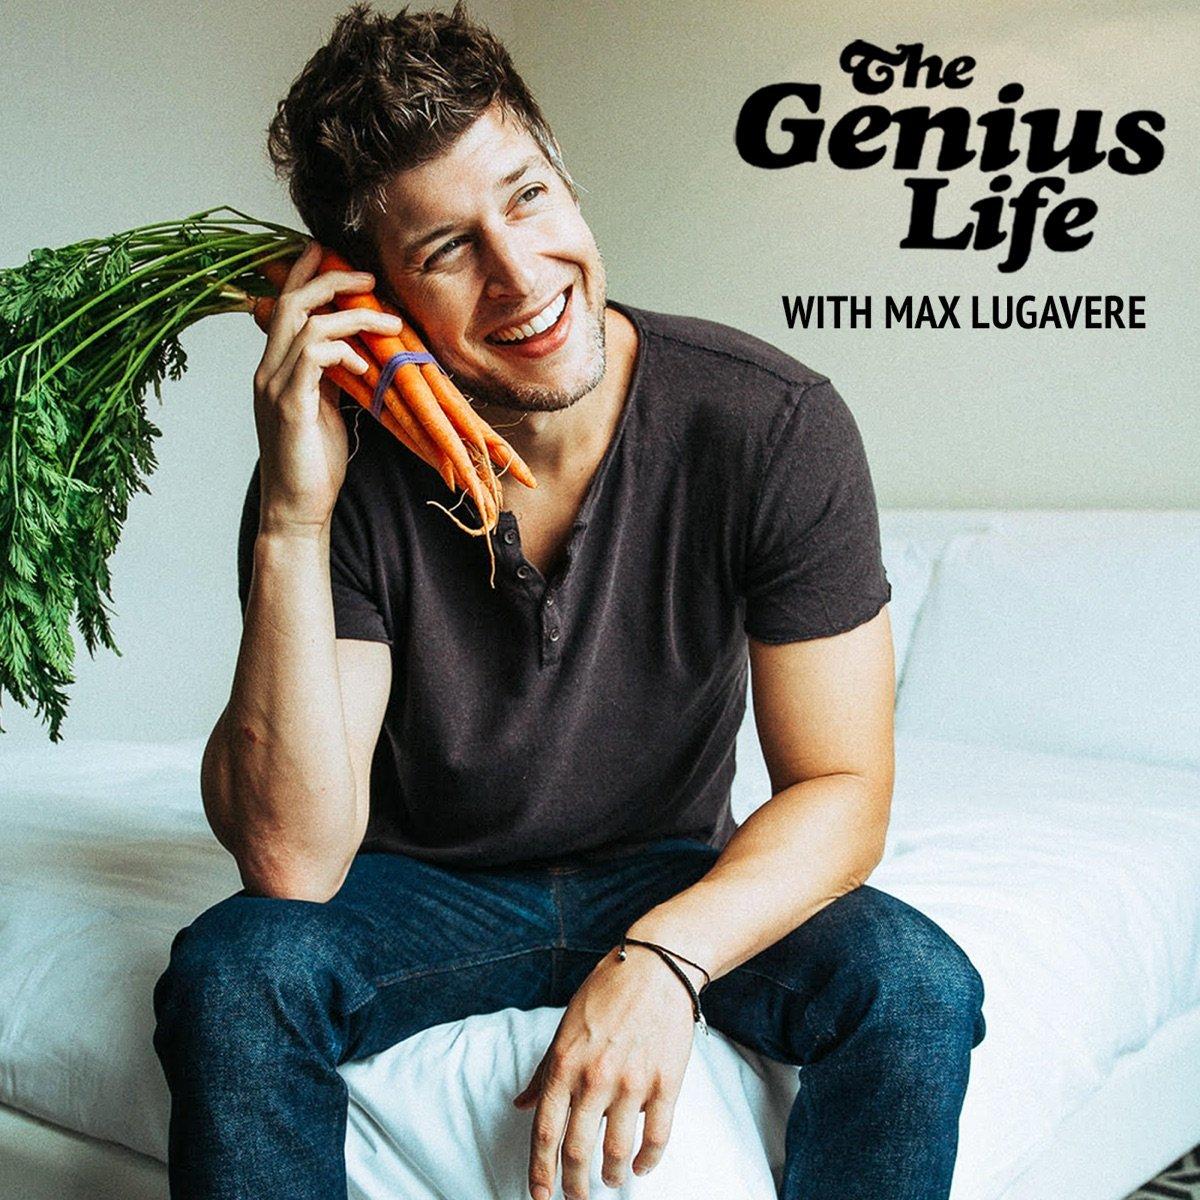 the genius life with max lugavere